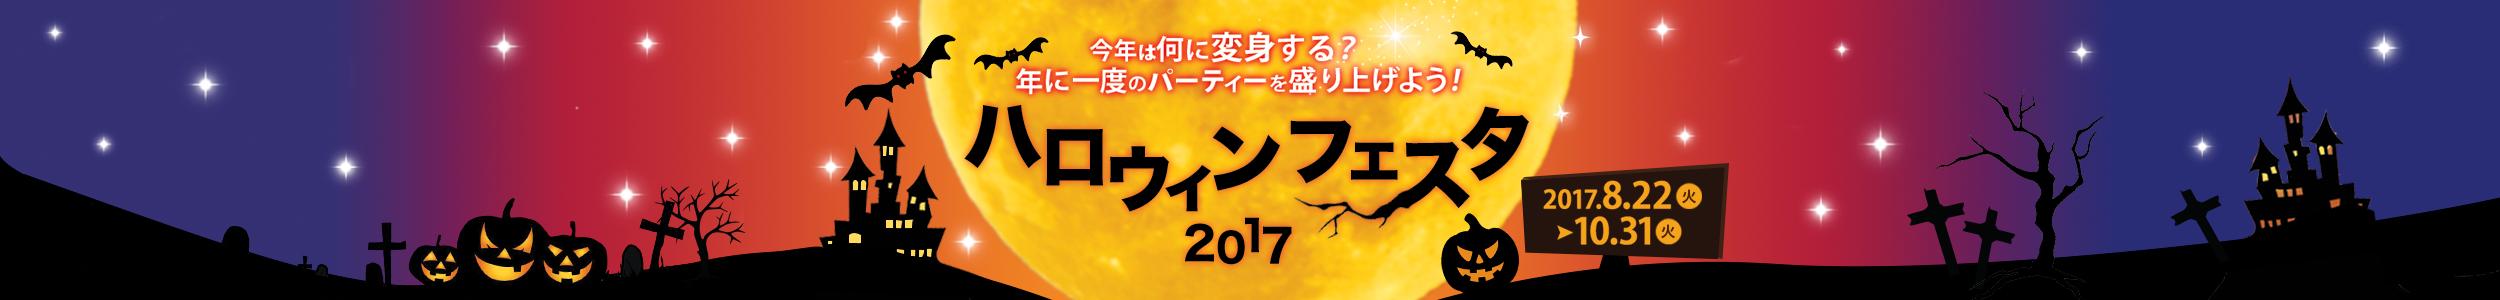 ハロウィンフェスタ2017 - Yahoo!ショッピング